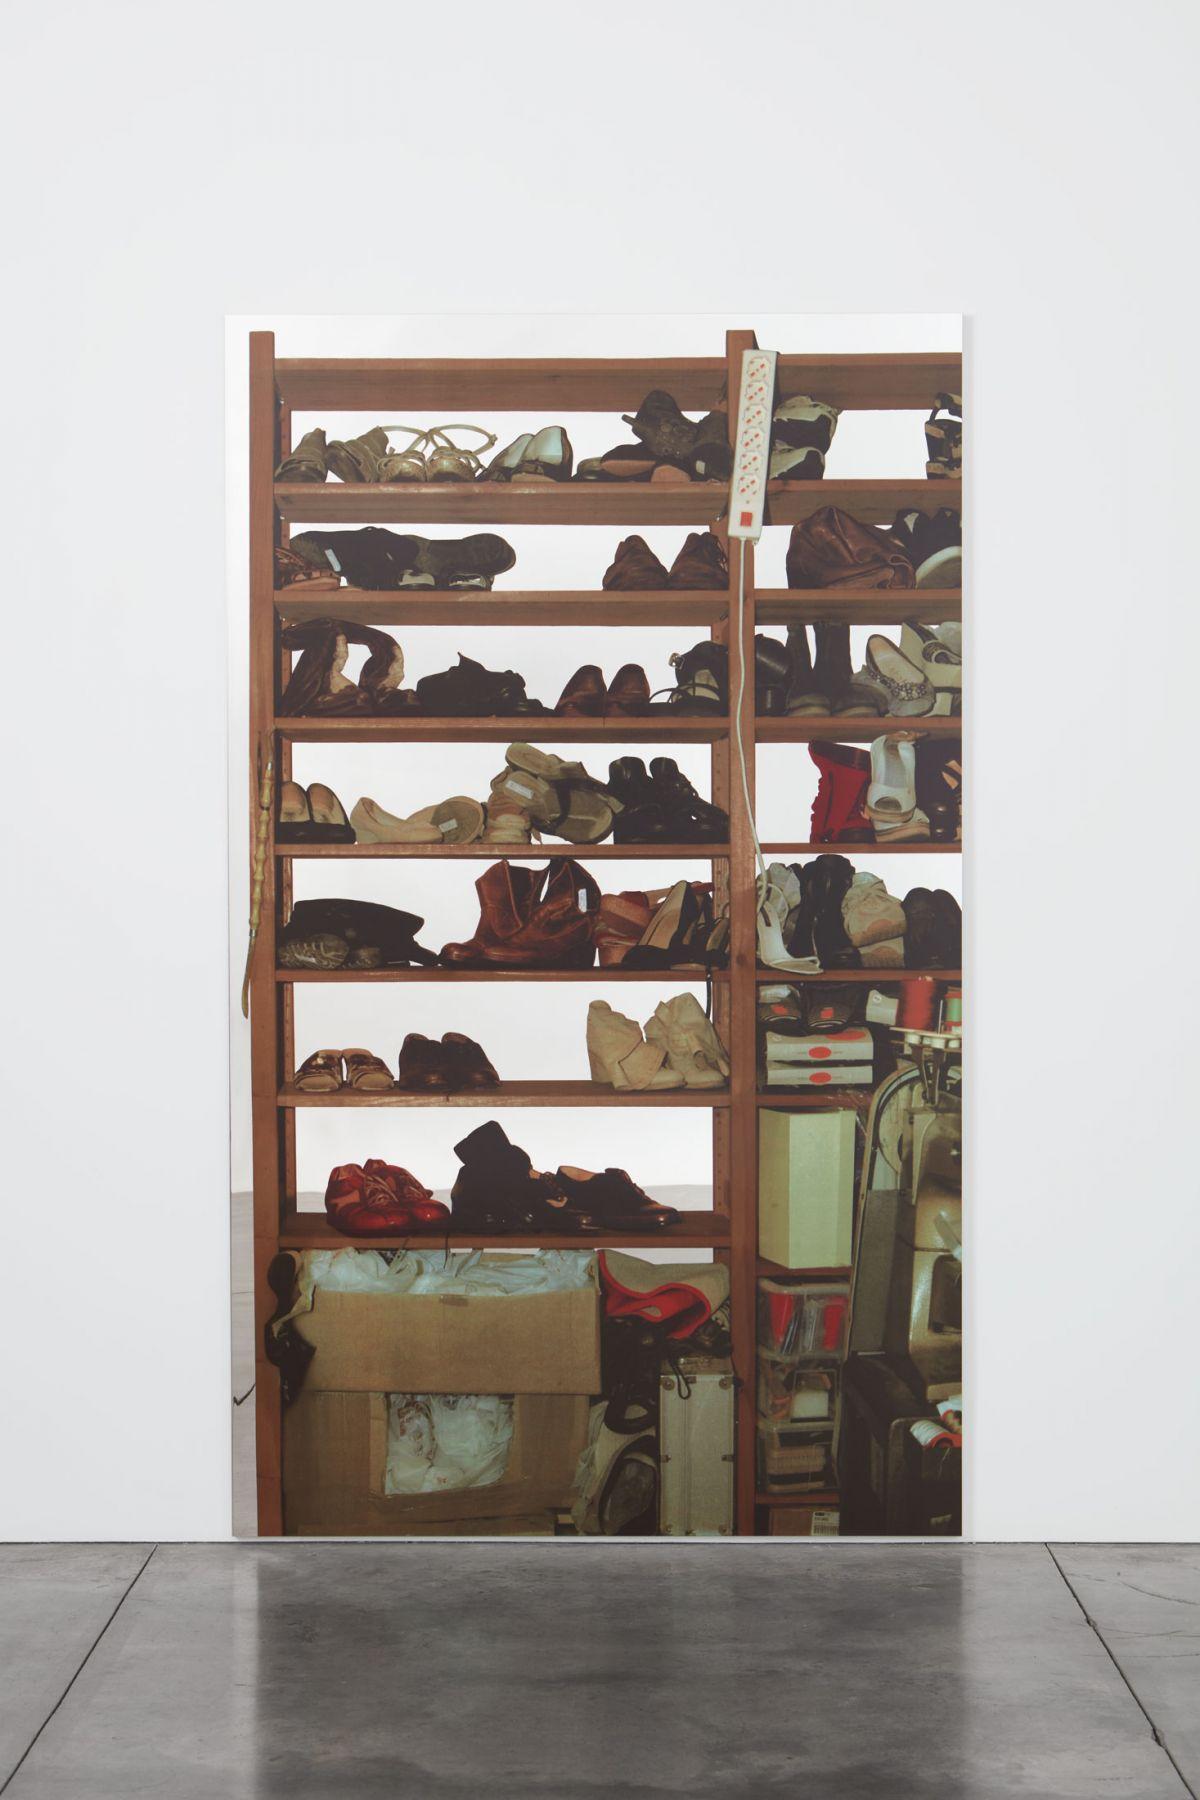 Michelangelo Pistoletto Scaffali – calzature, 2015